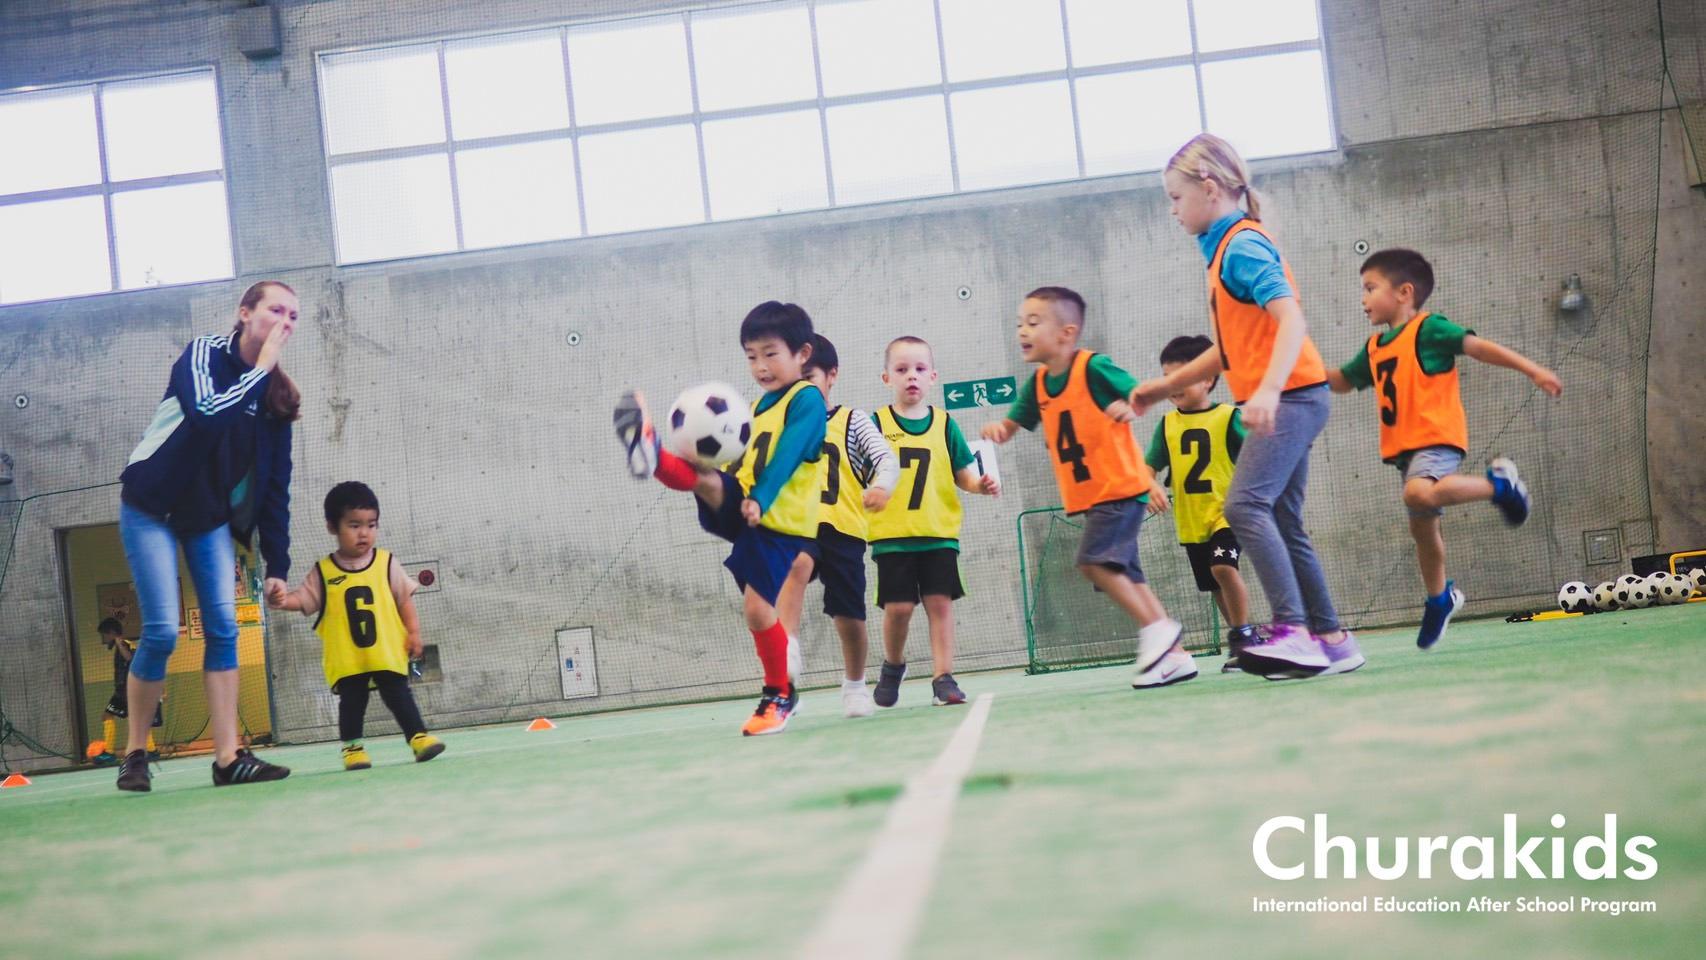 沖縄市の英語サッカー教室 Churakids